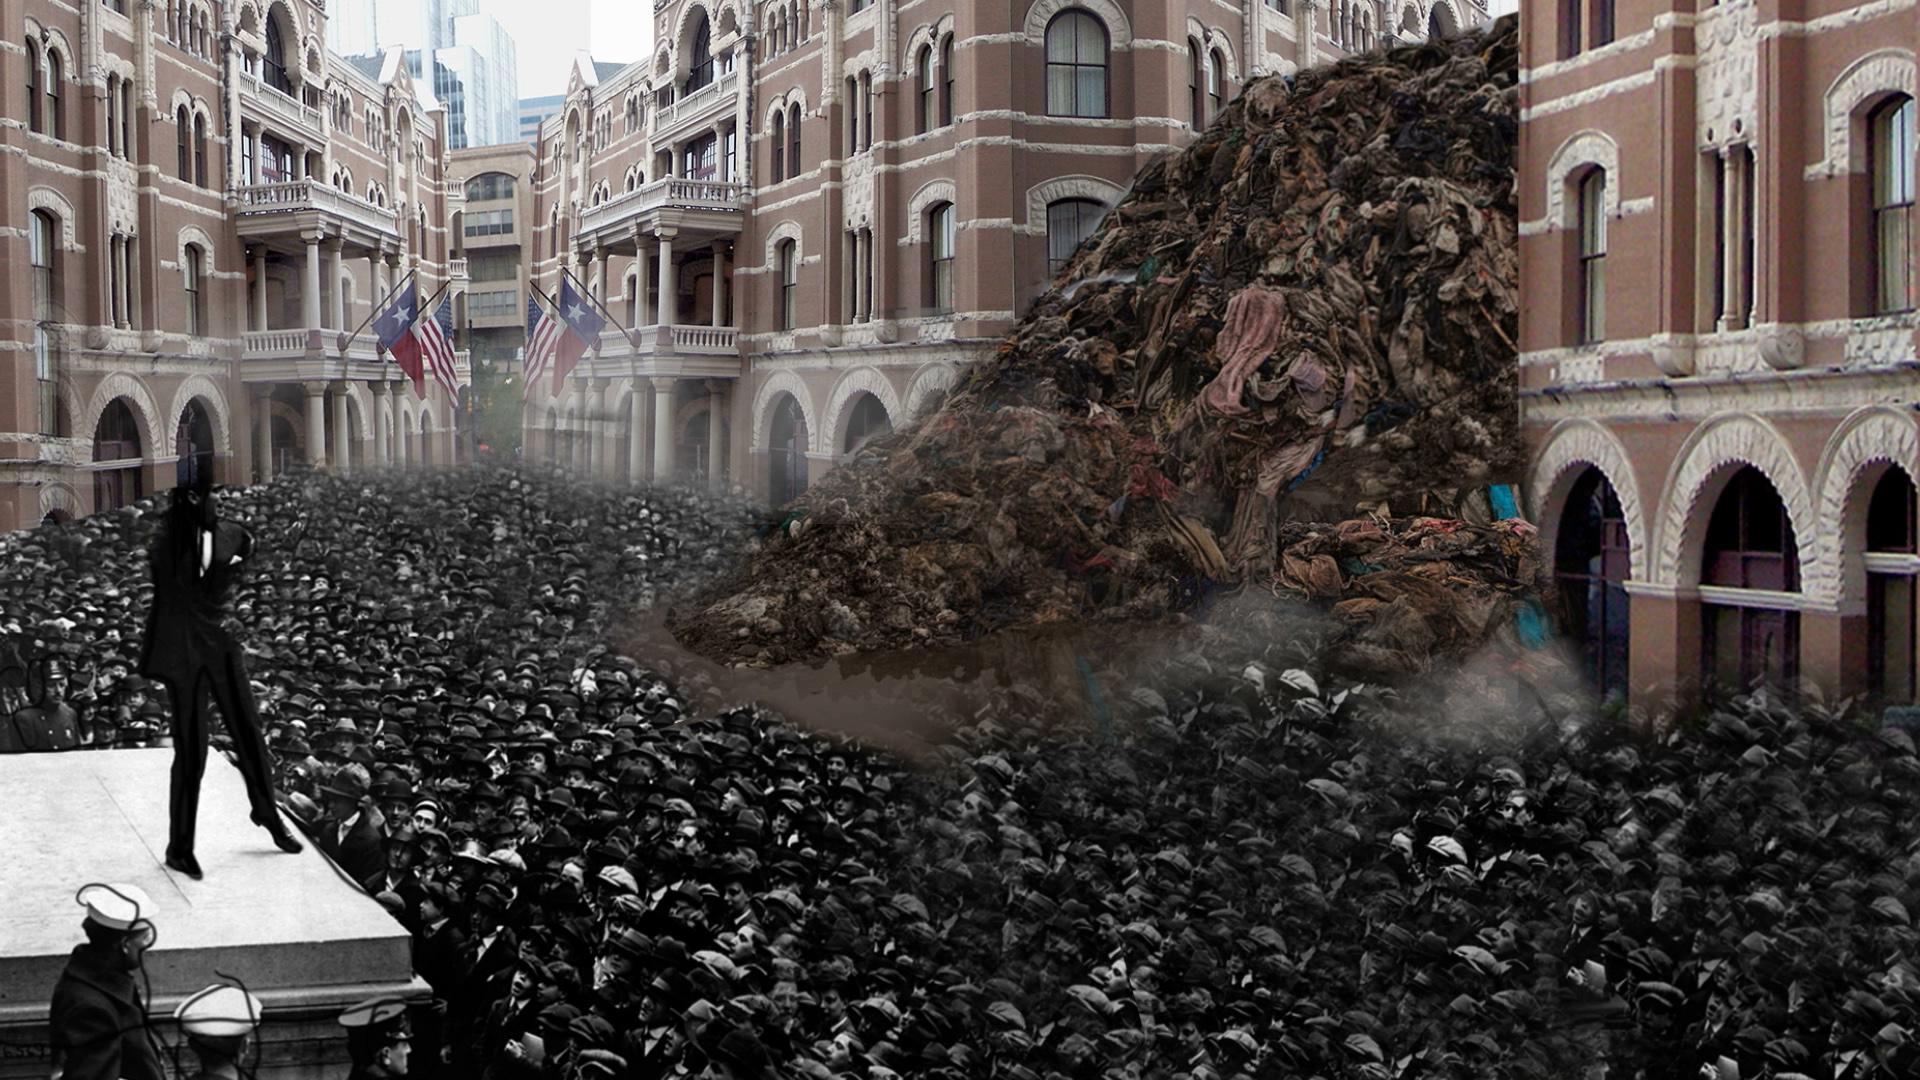 protest movie still.jpg